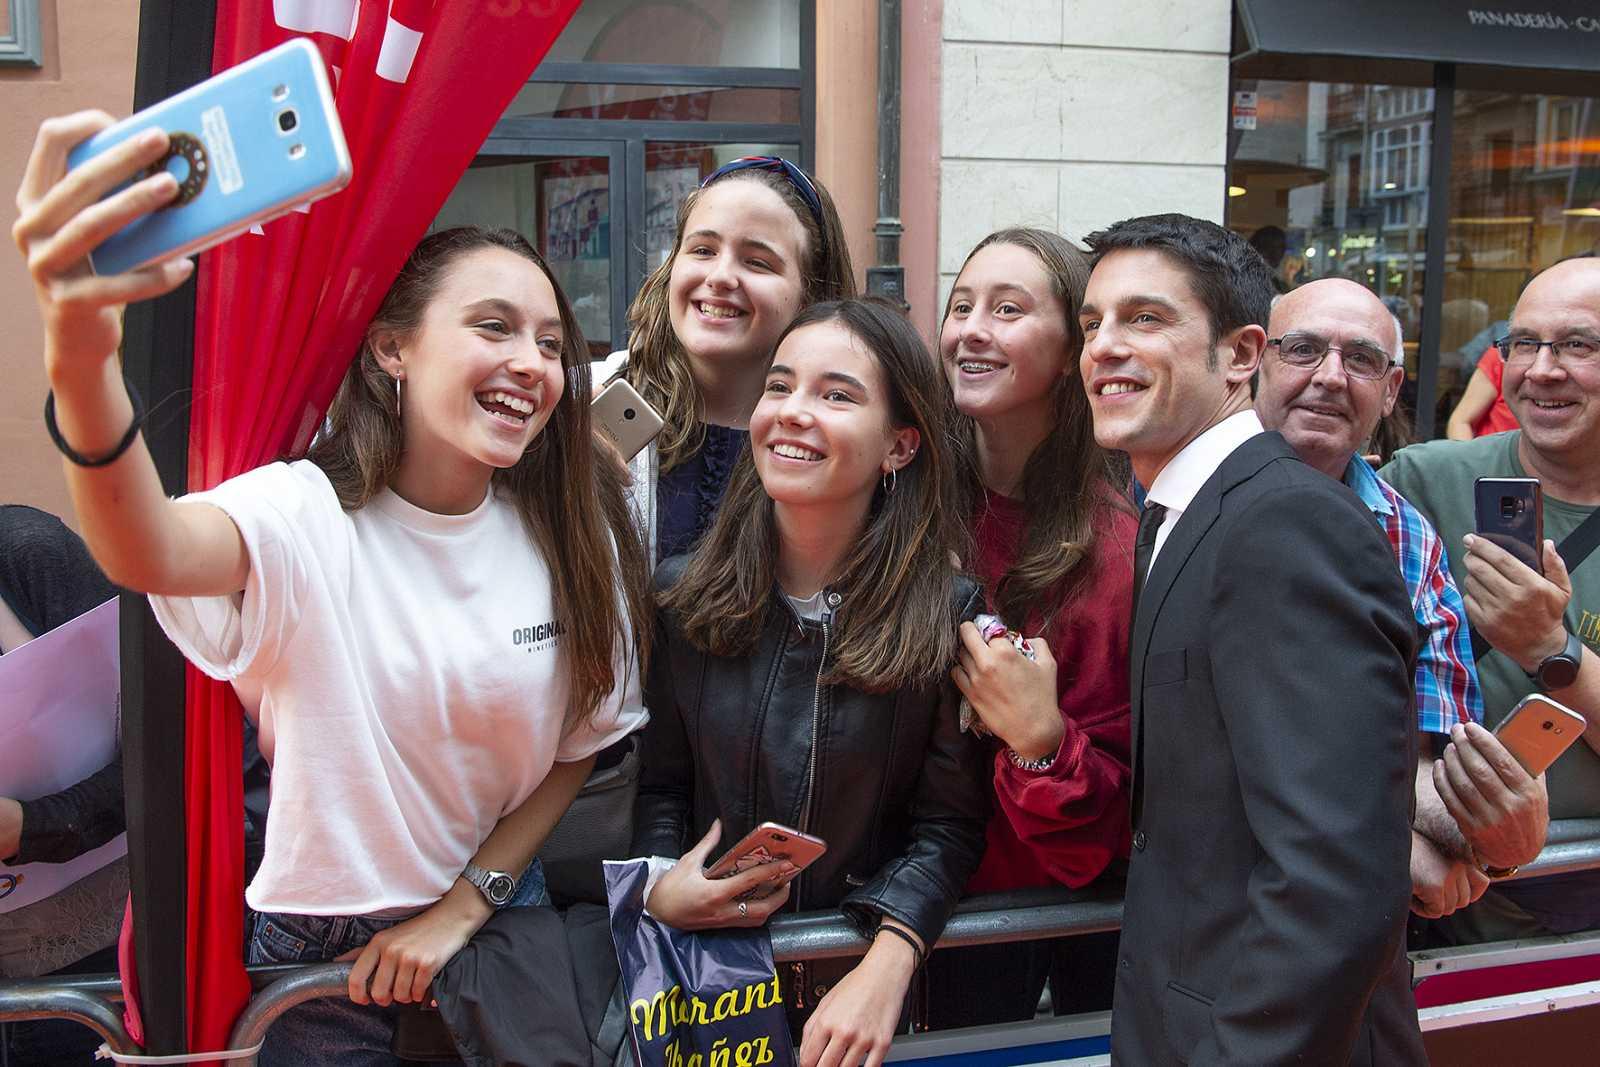 Gritos, autógrafos y muchos selfies: así ha recibido Vitoria a los actores de 'Estoy vivo'